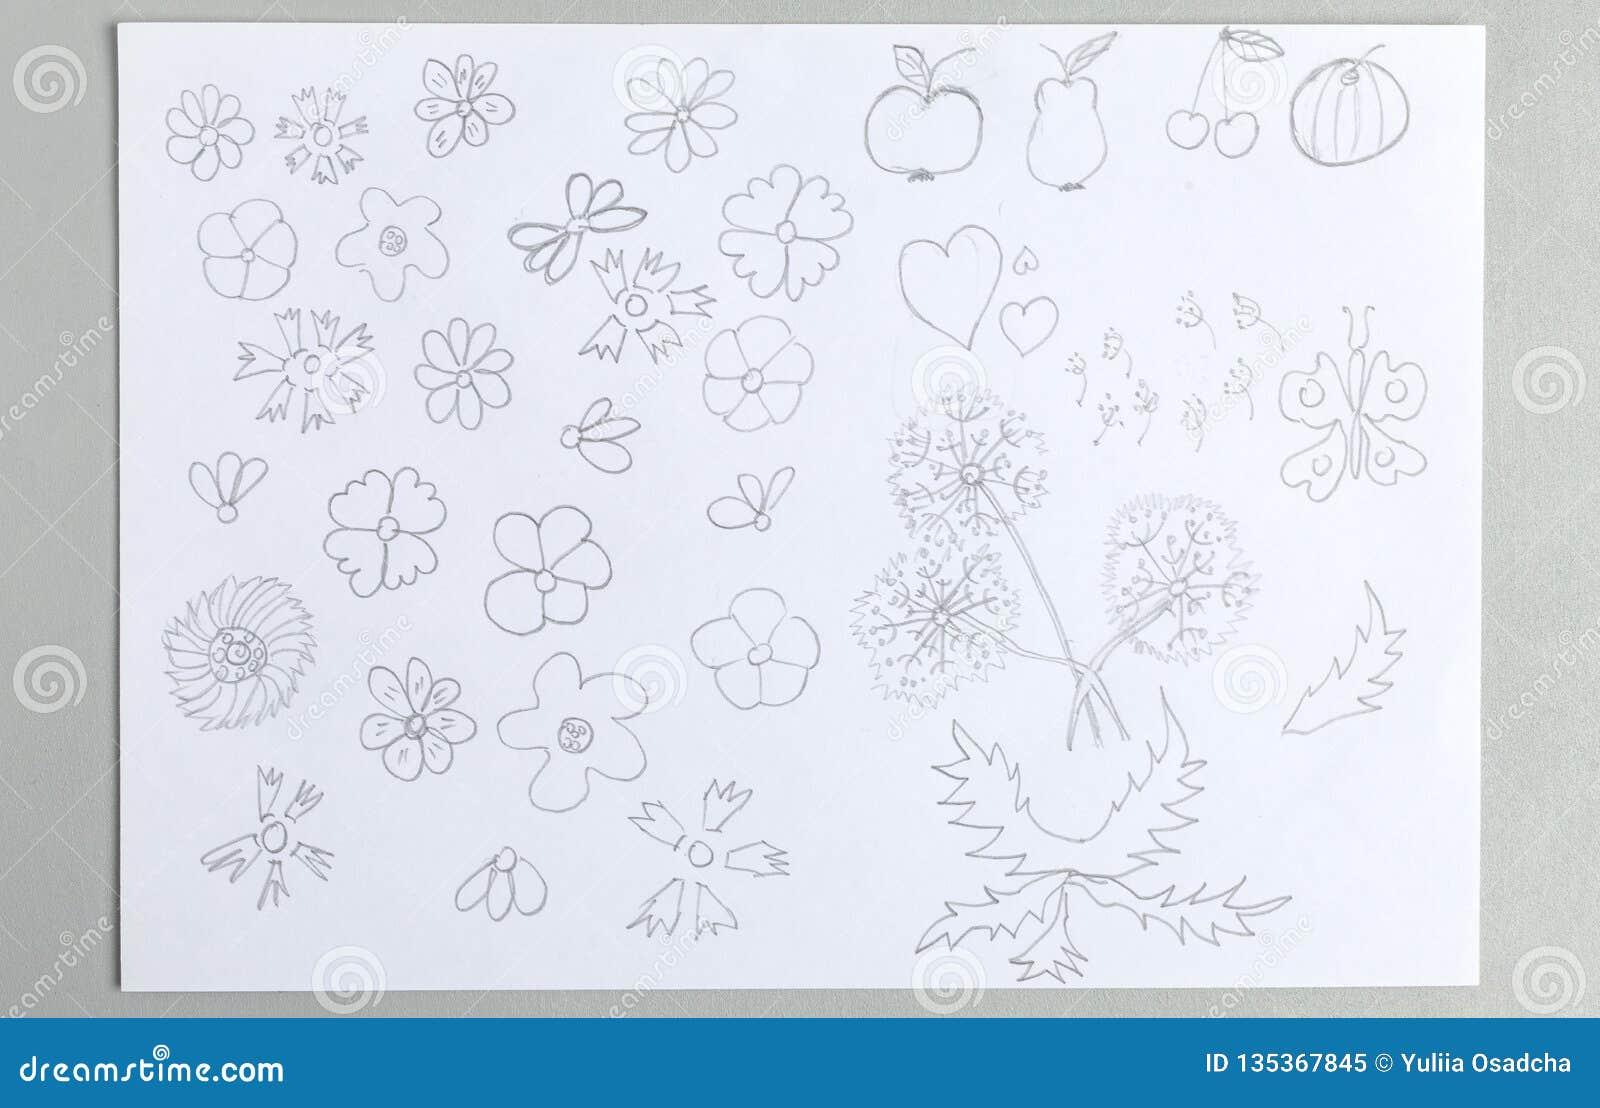 Ensemble de dessins d enfant de fruits et de papillon différents de têtes de fleur